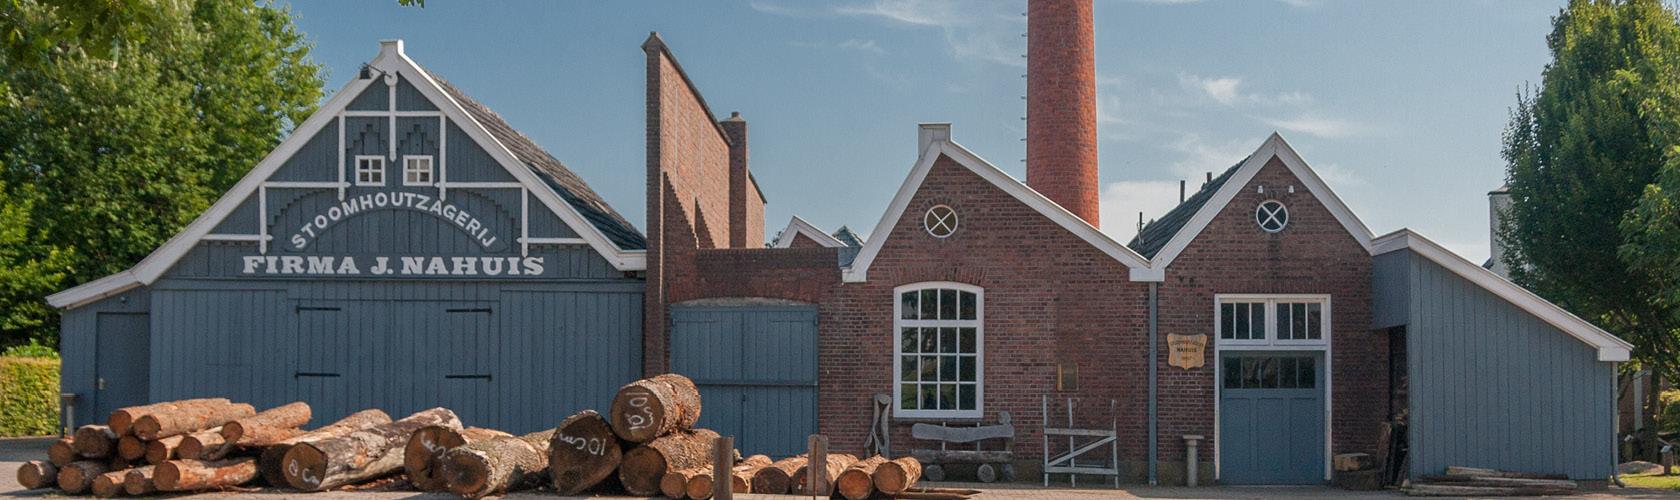 Header_Erfgoed-Oost-Achterhoek-Houtzagerij-Nahuis-Groenlo